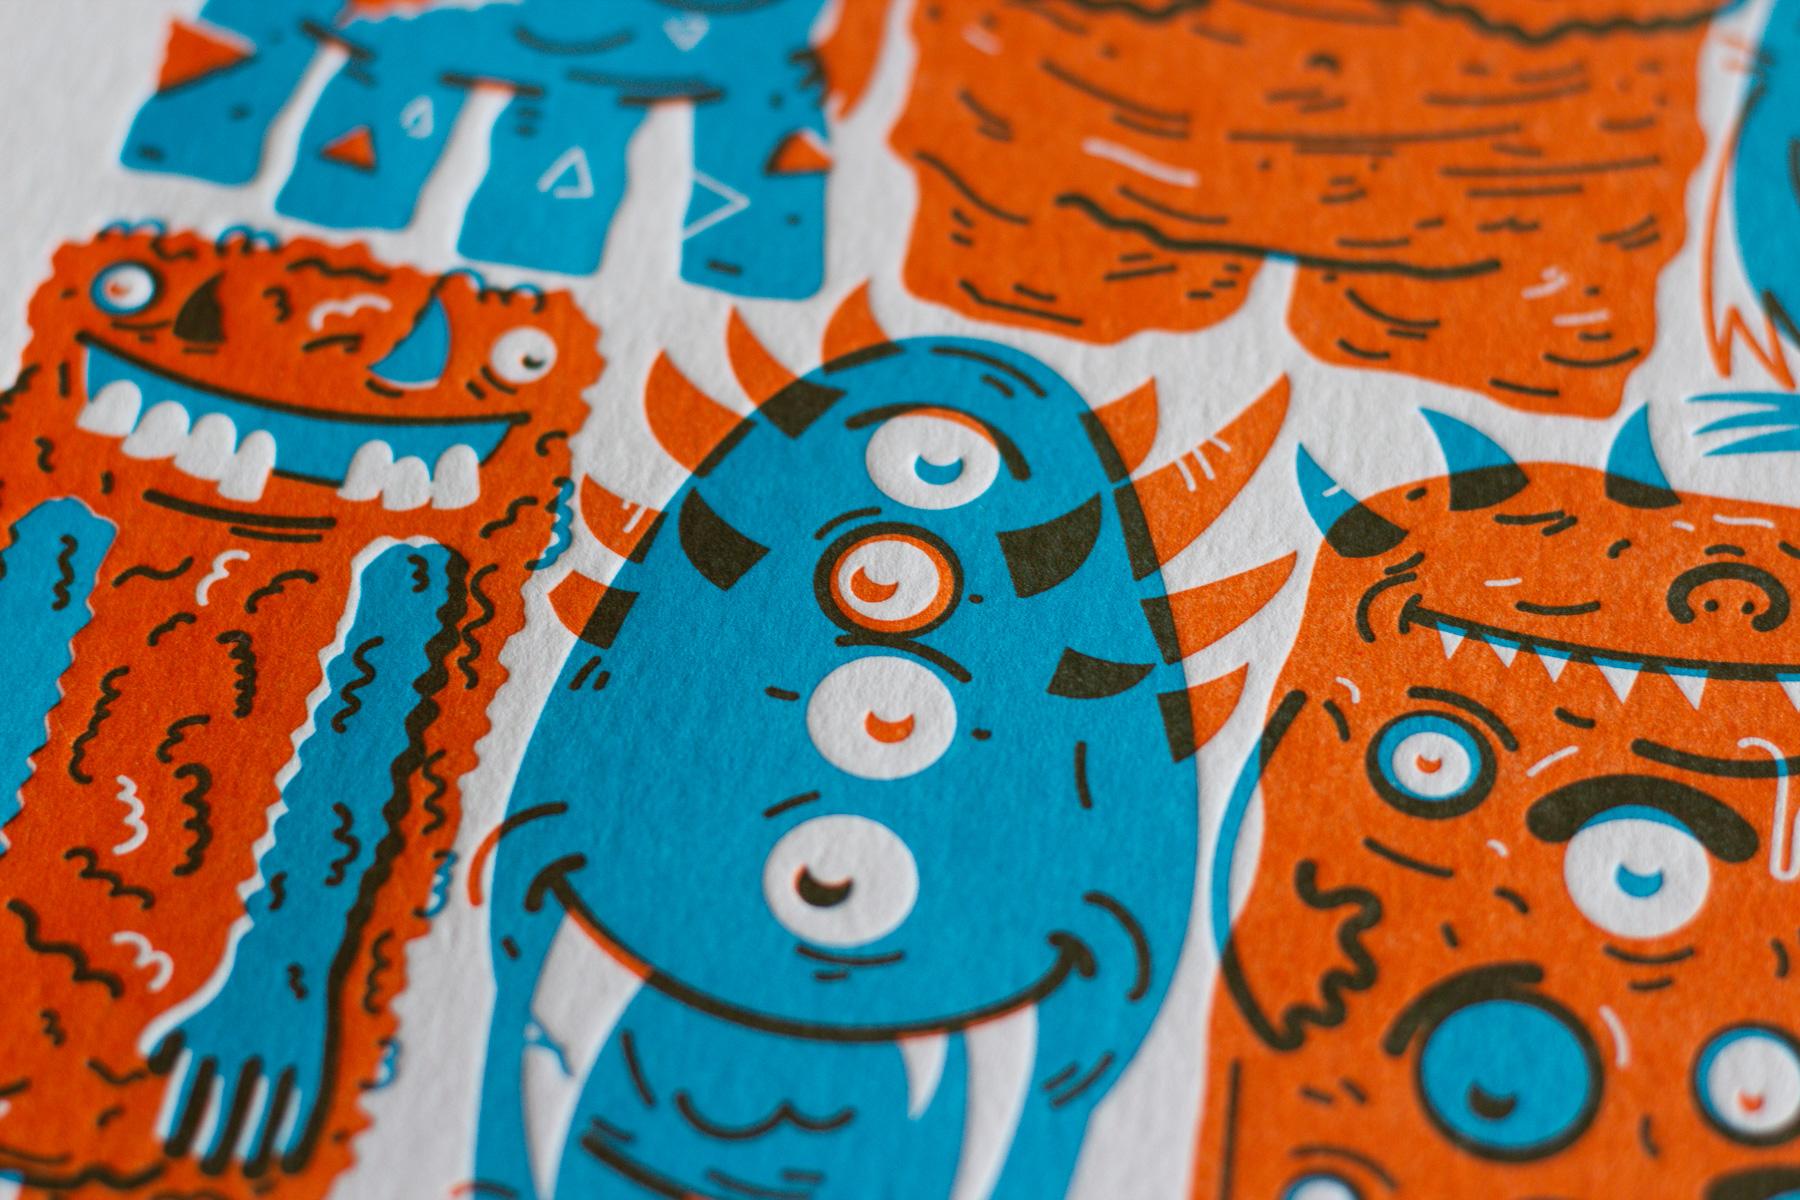 Michael Langenegger Monster Letterpress Art Print x Hungry Workshop-06